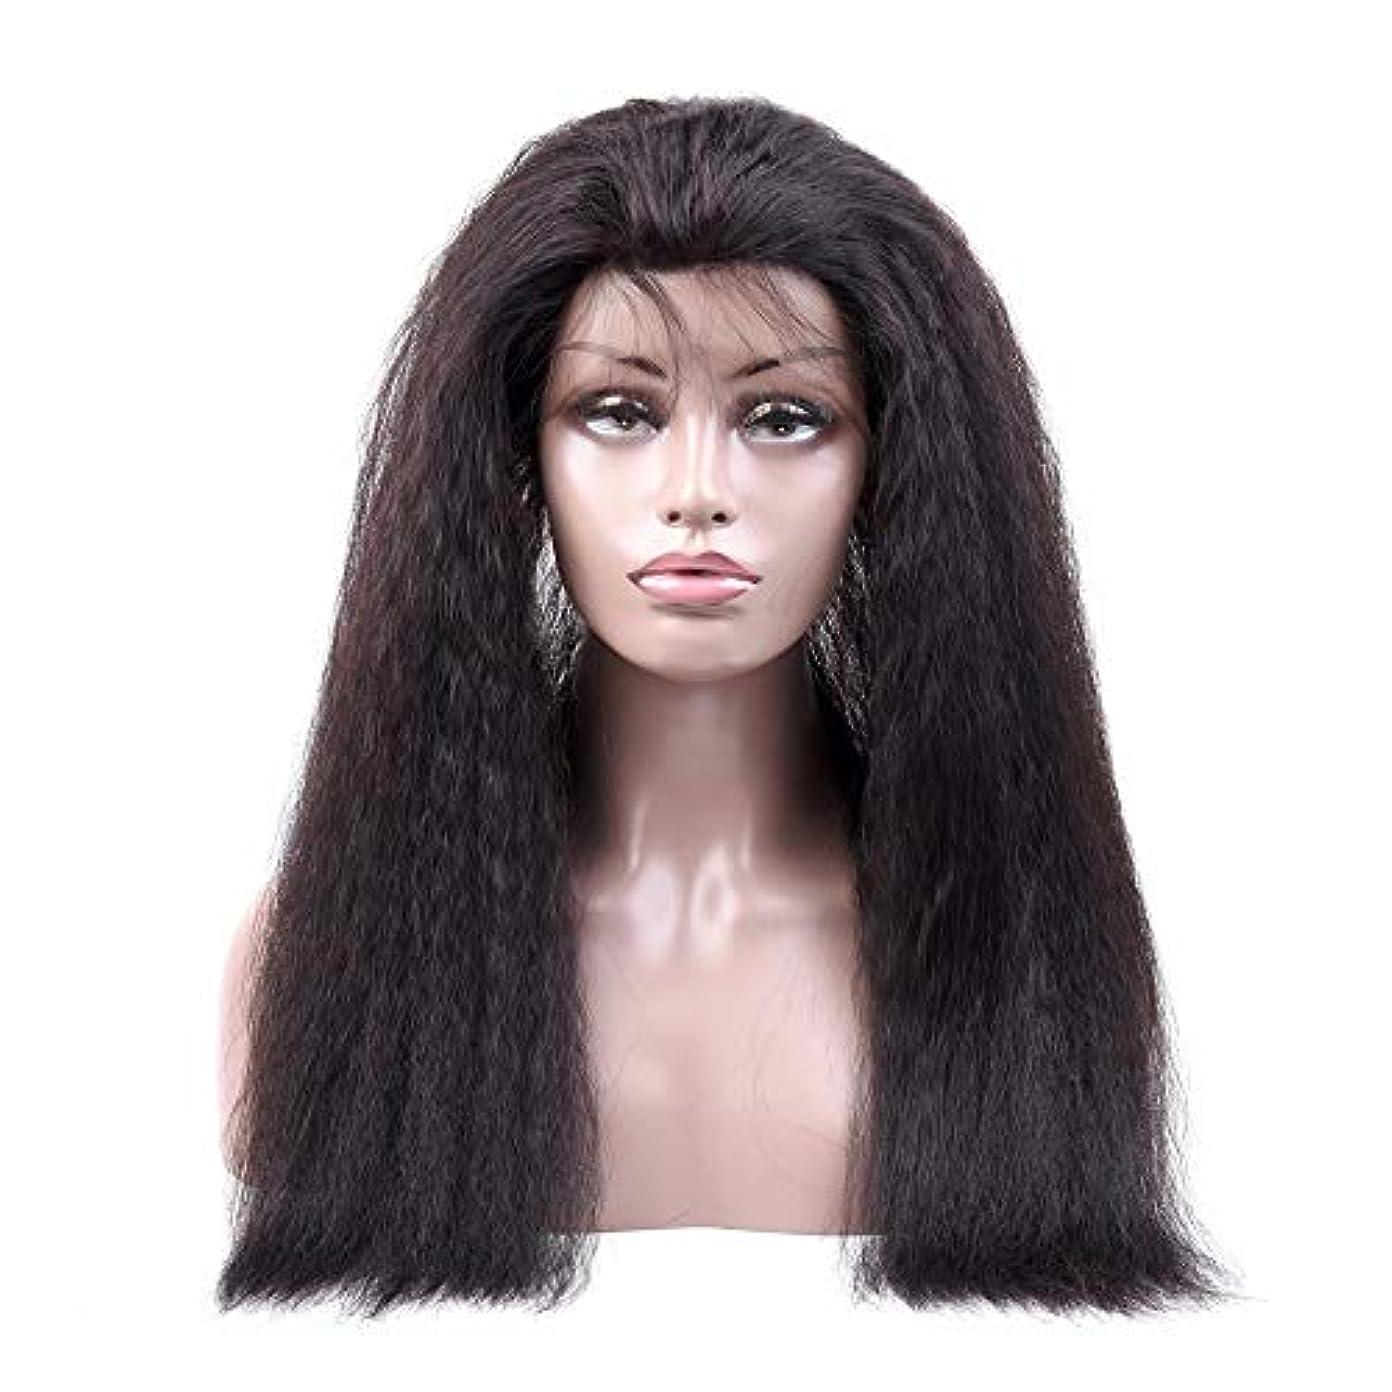 若いそのようなバルクJULYTER 変態ストレート人間の髪の毛のかつら360レース前頭かつら#1B生物着色 (色 : 黒, サイズ : 12 inch)